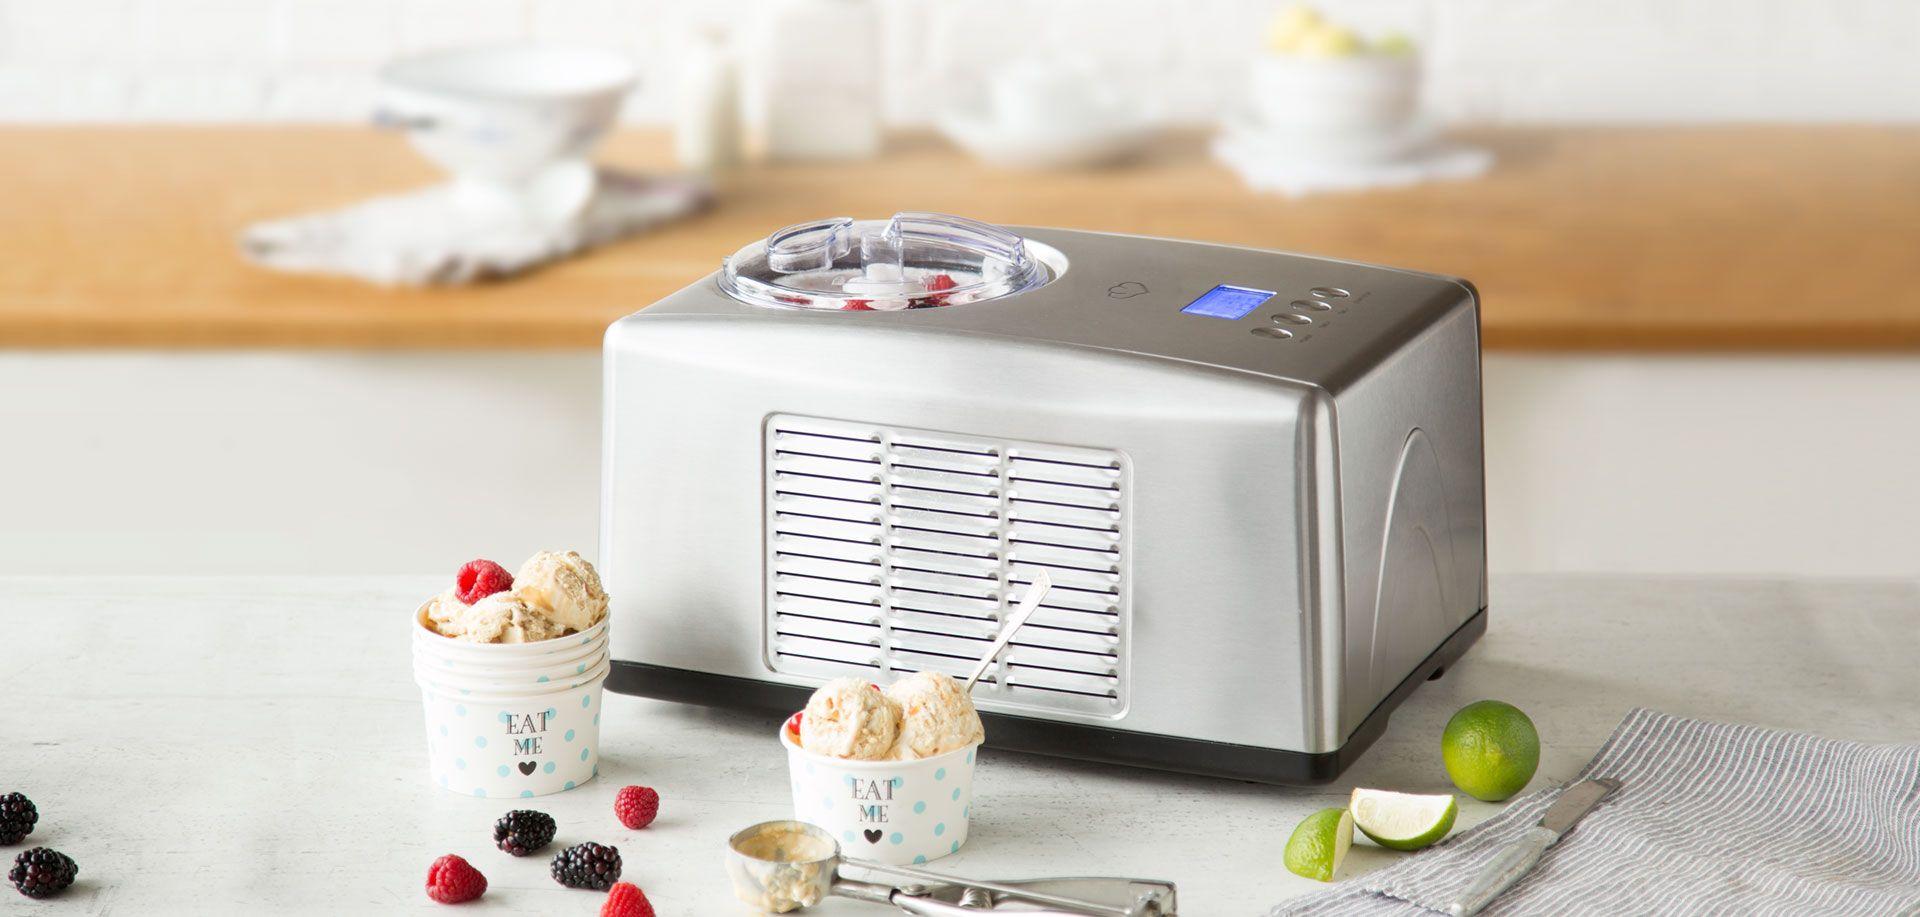 Springlane Kitchen Eismaschine Emma mit Kompressor 1,5 l ✓ Jetzt für 199,00 € (30.07.16) bei Springlane.de ✓ Versandkostenfrei